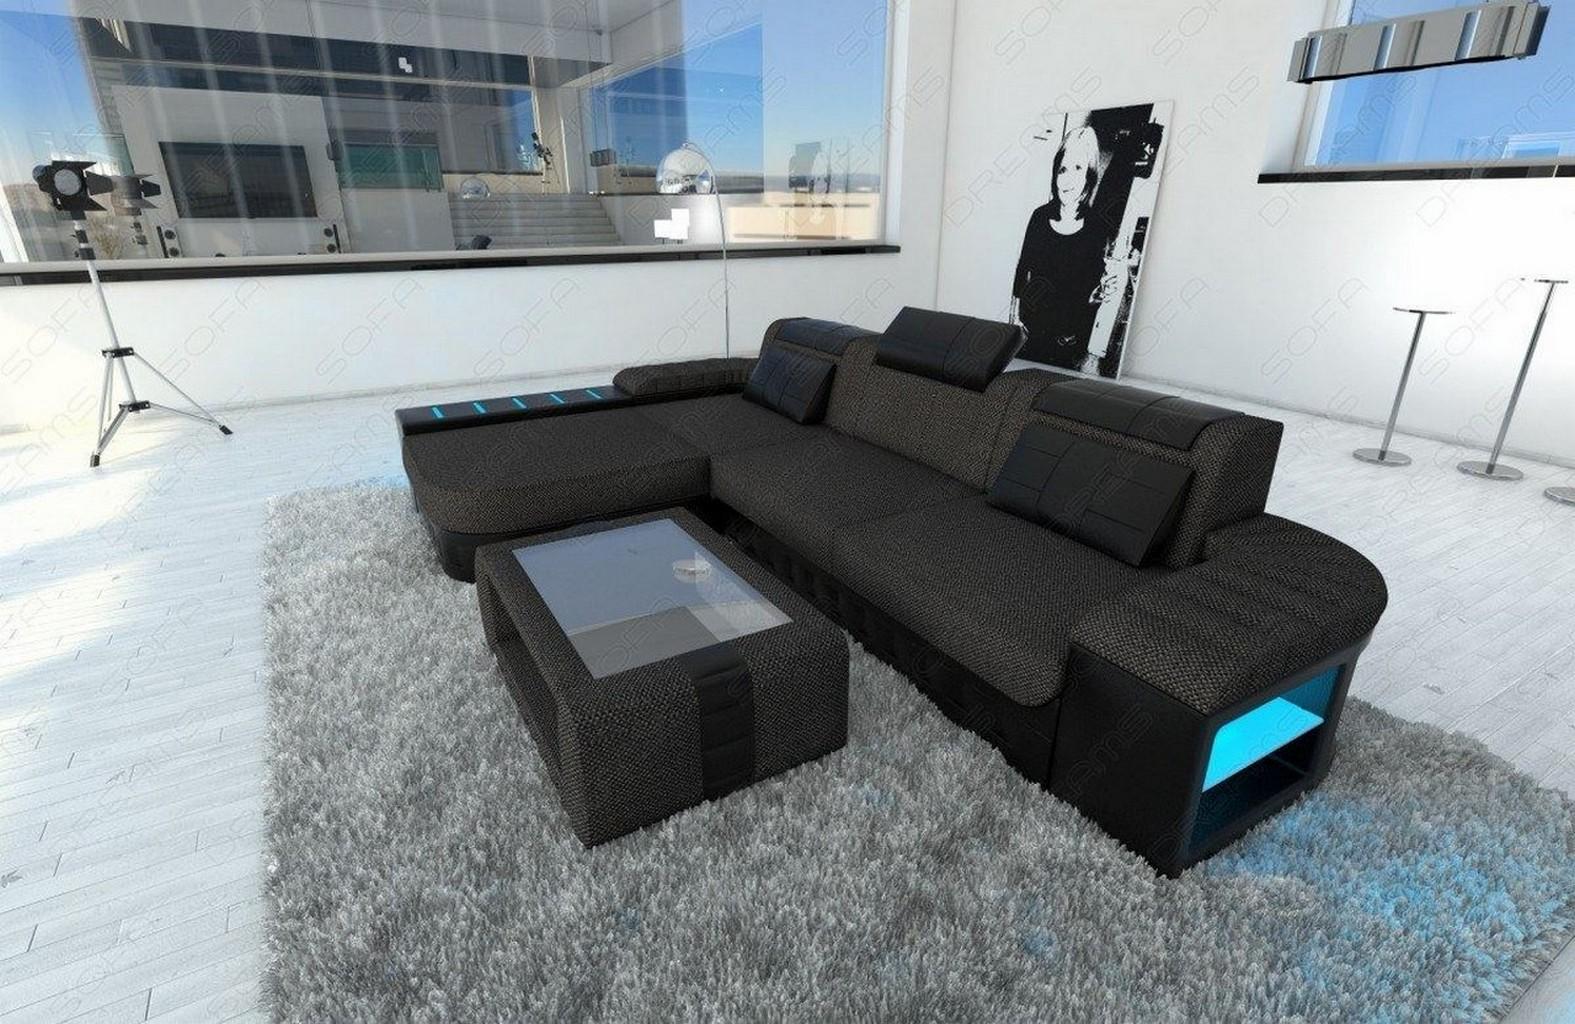 Ecksofa Design Couch Luxus Sofa BELLAGIO L Form grau Recamiere + LED ...